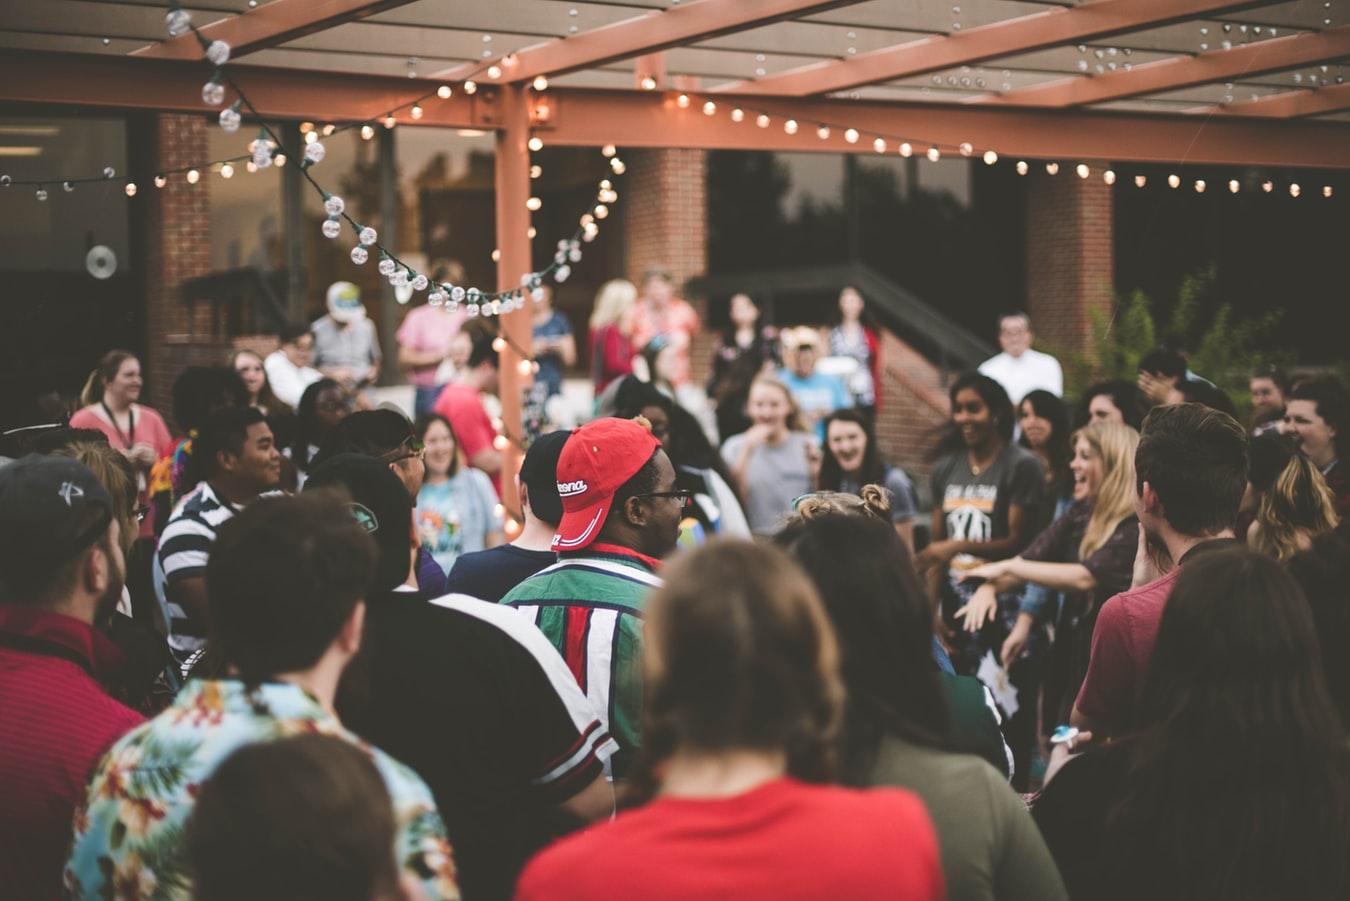 Comment Organiser Un Party D Ado organiser une fête pour la réussite au bac de votre ado !